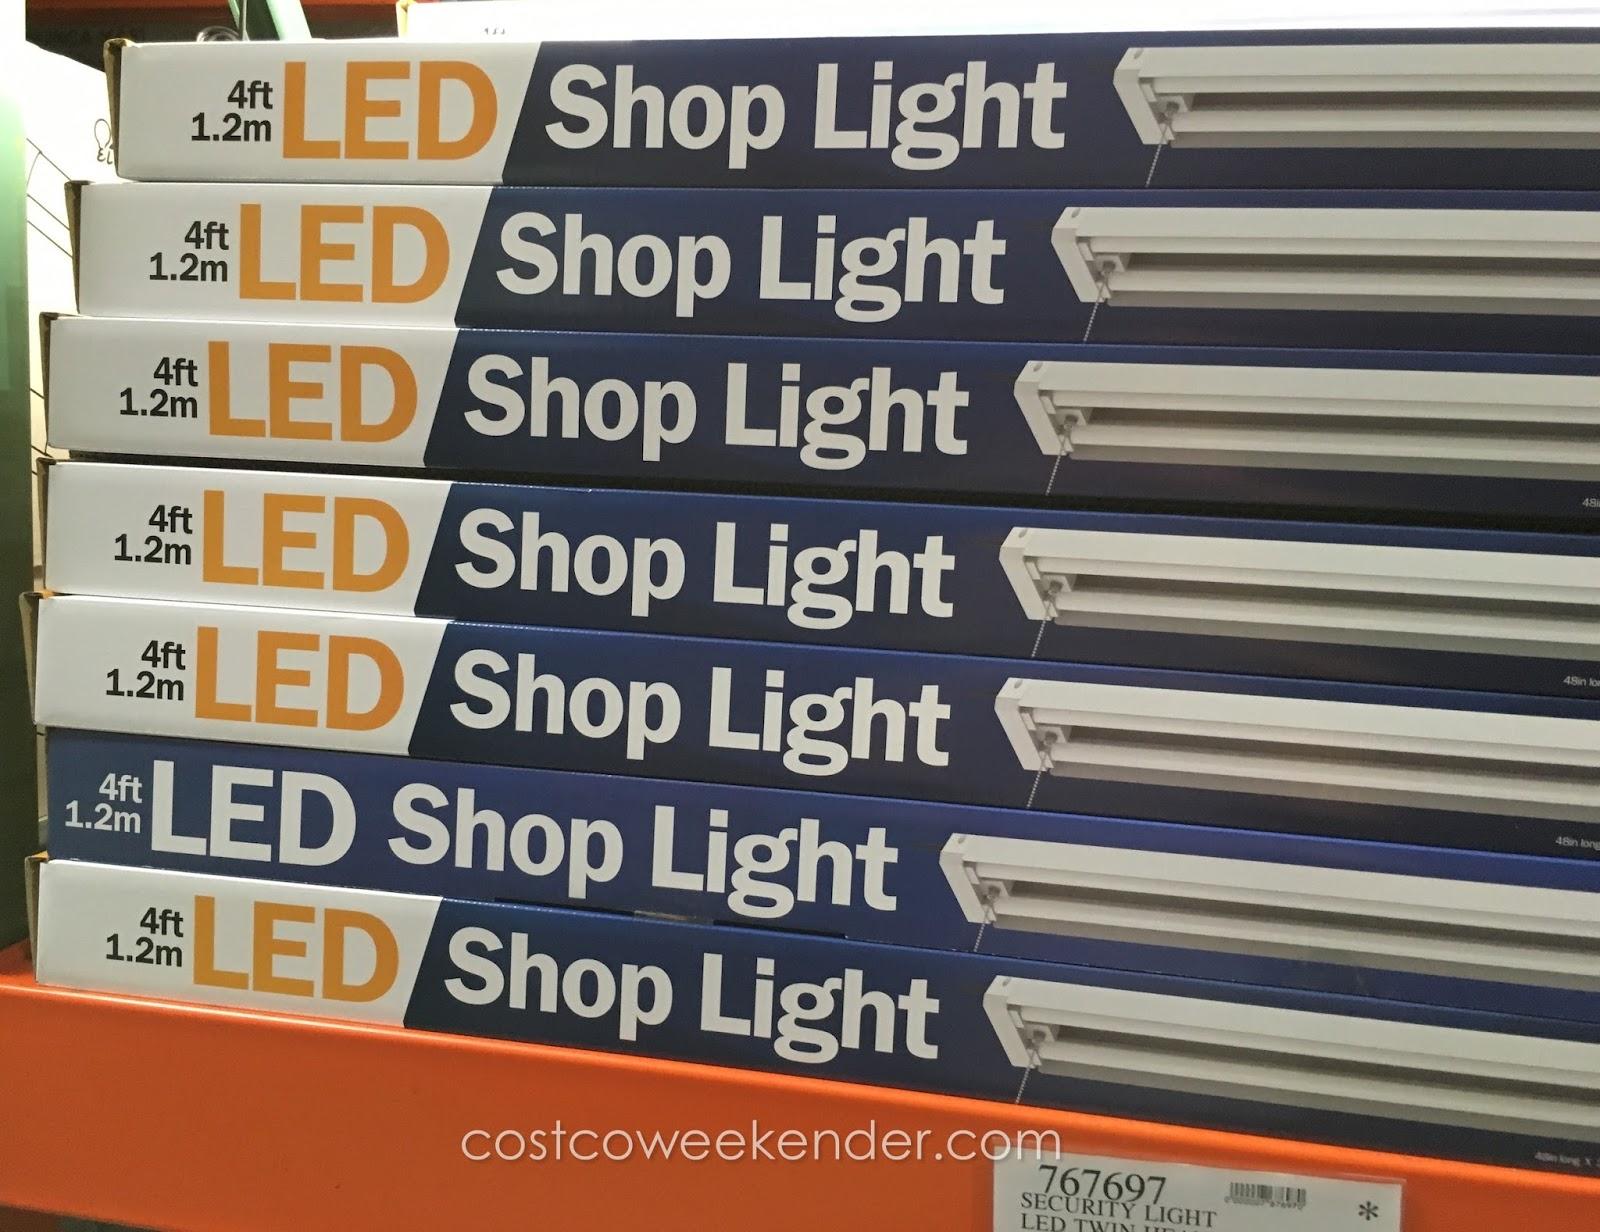 Online shopping led light